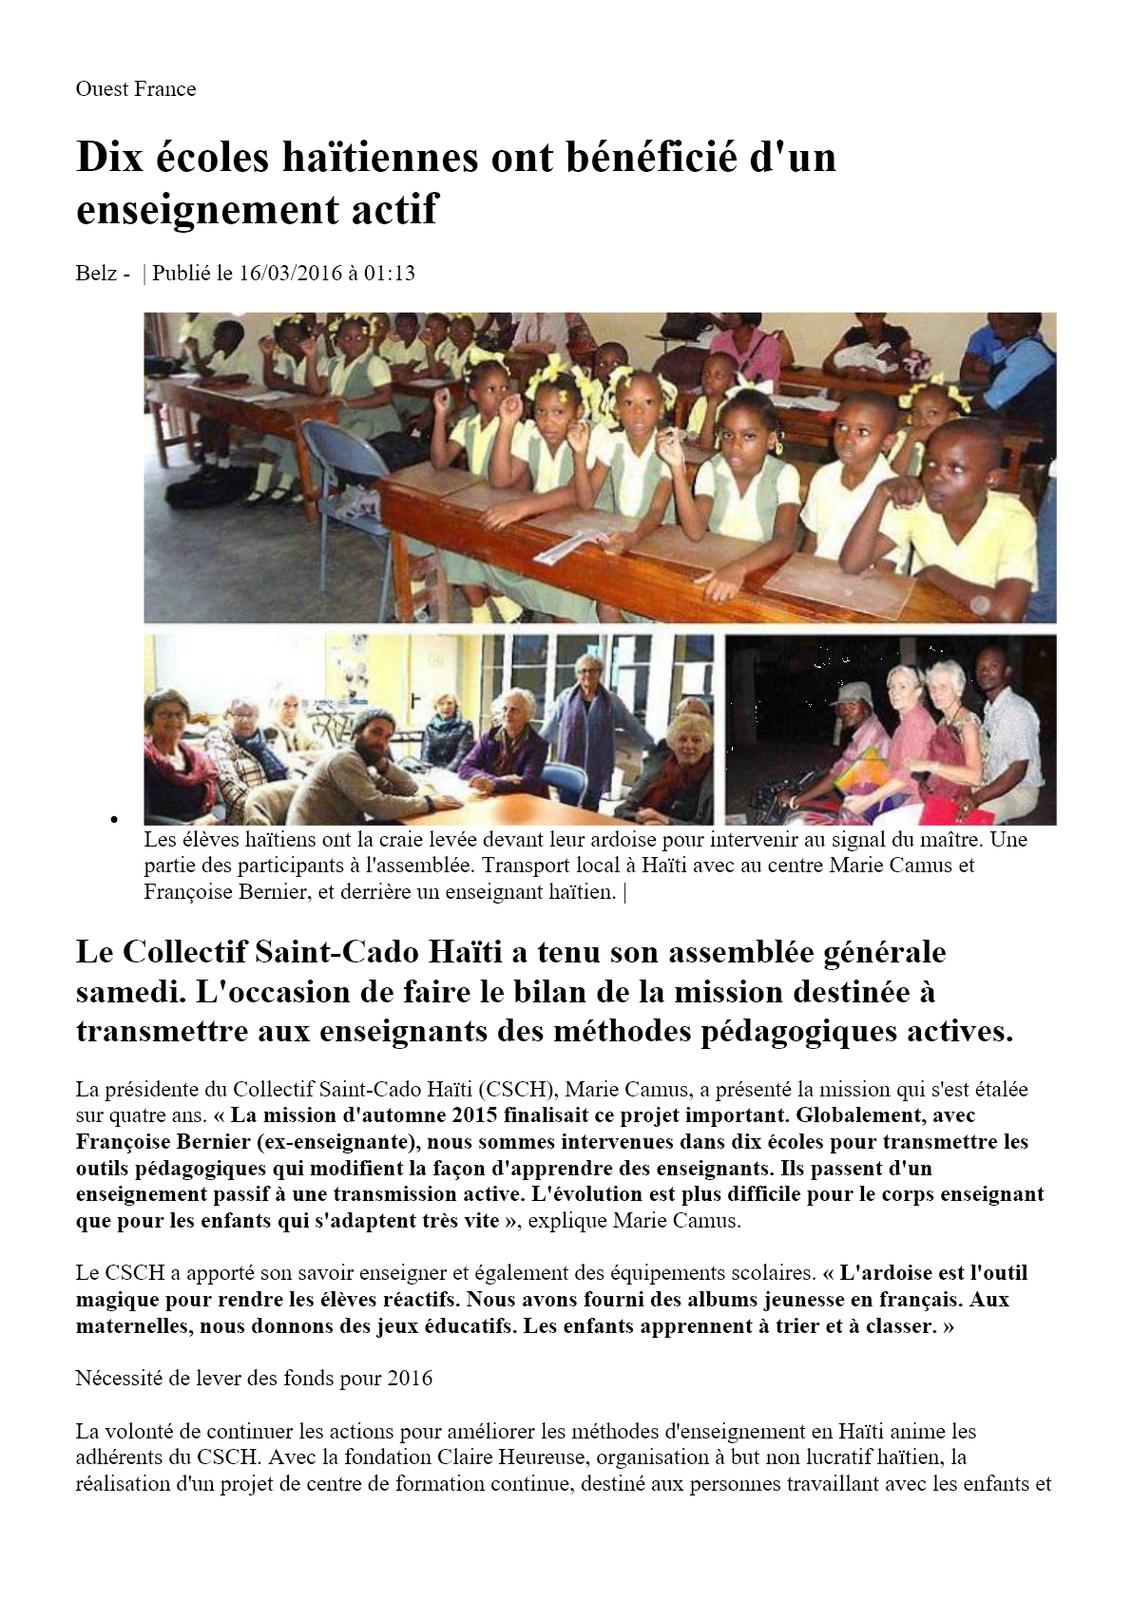 Ouest France :Dix écoles haïtiennes ont bénéficié d'un enseignement  actif  Belz -  16/03/2016